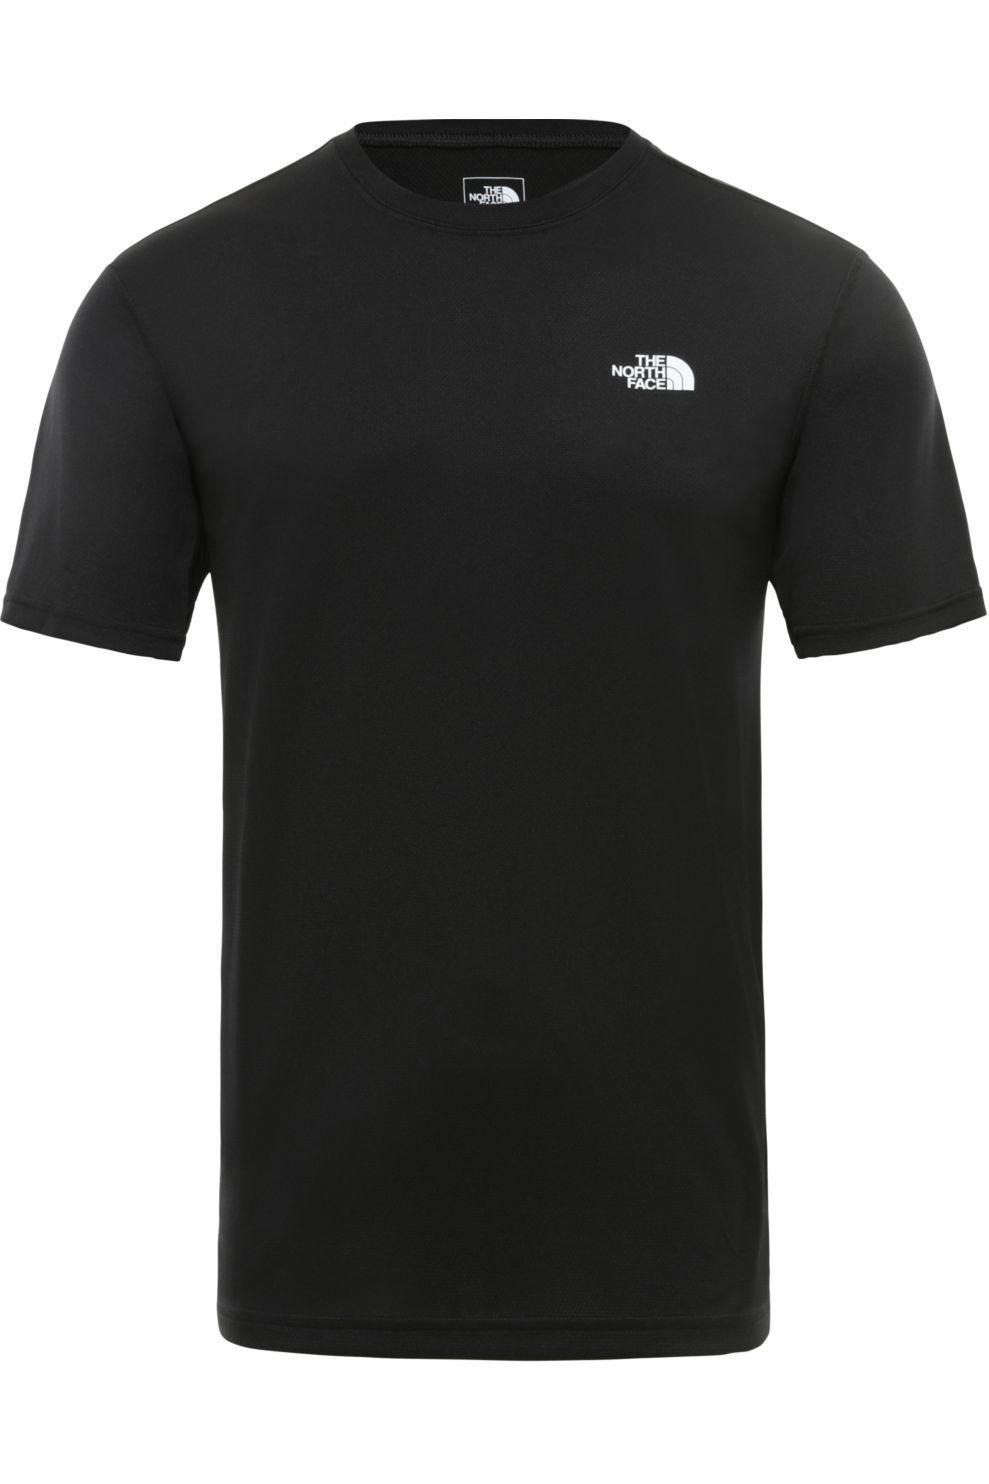 The North Face T-Shirt Flex II voor heren - Zwart - Maten: S, M, L, XL